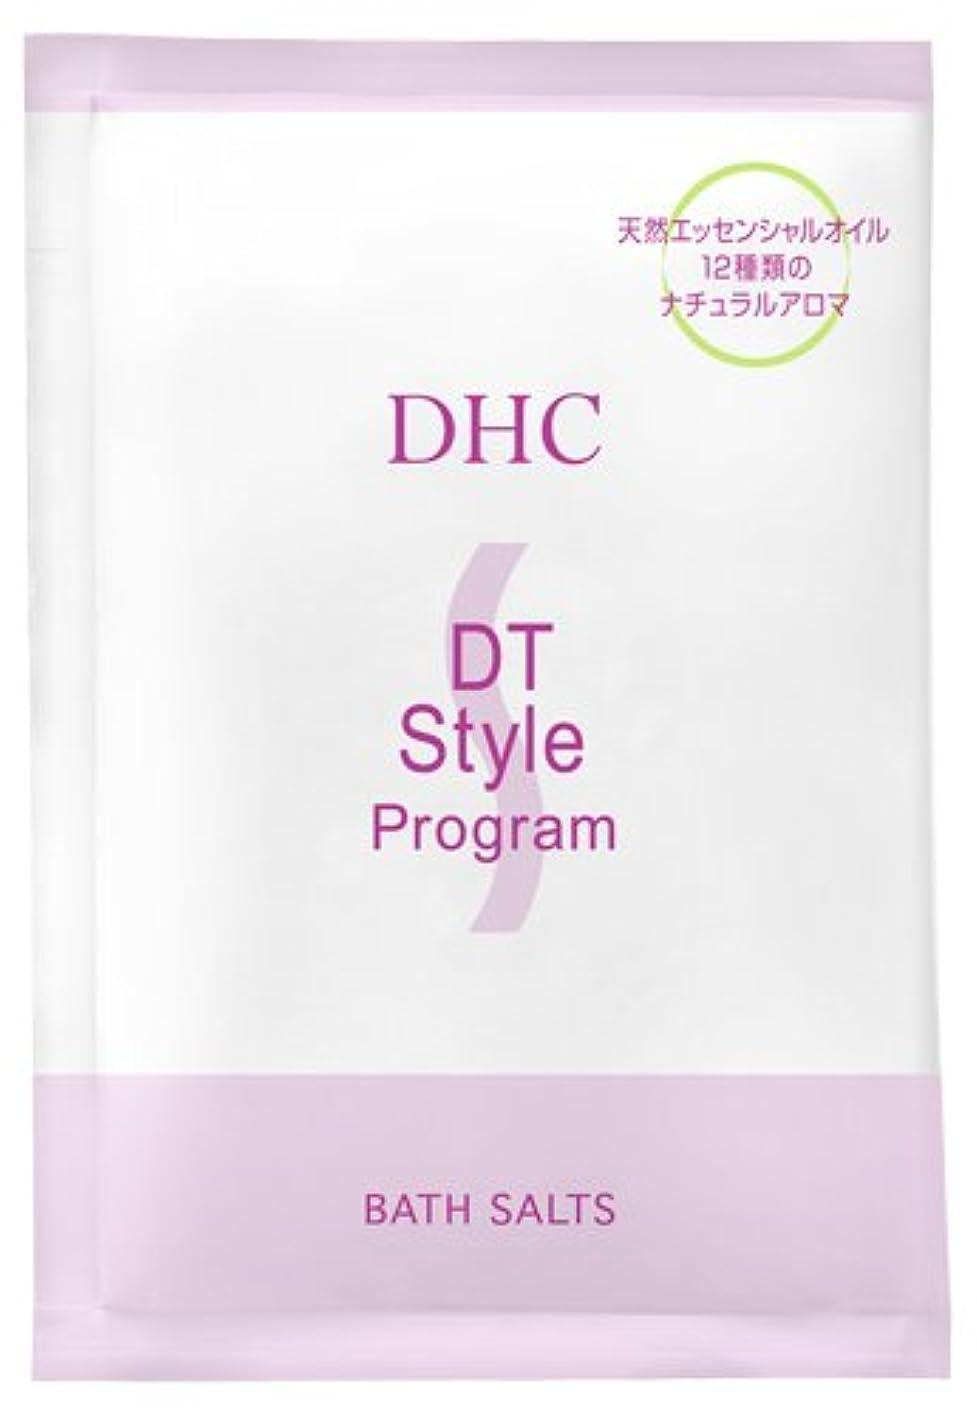 計り知れないロードブロッキング裁定DHC DSバス&ソルト(浴用化粧料)